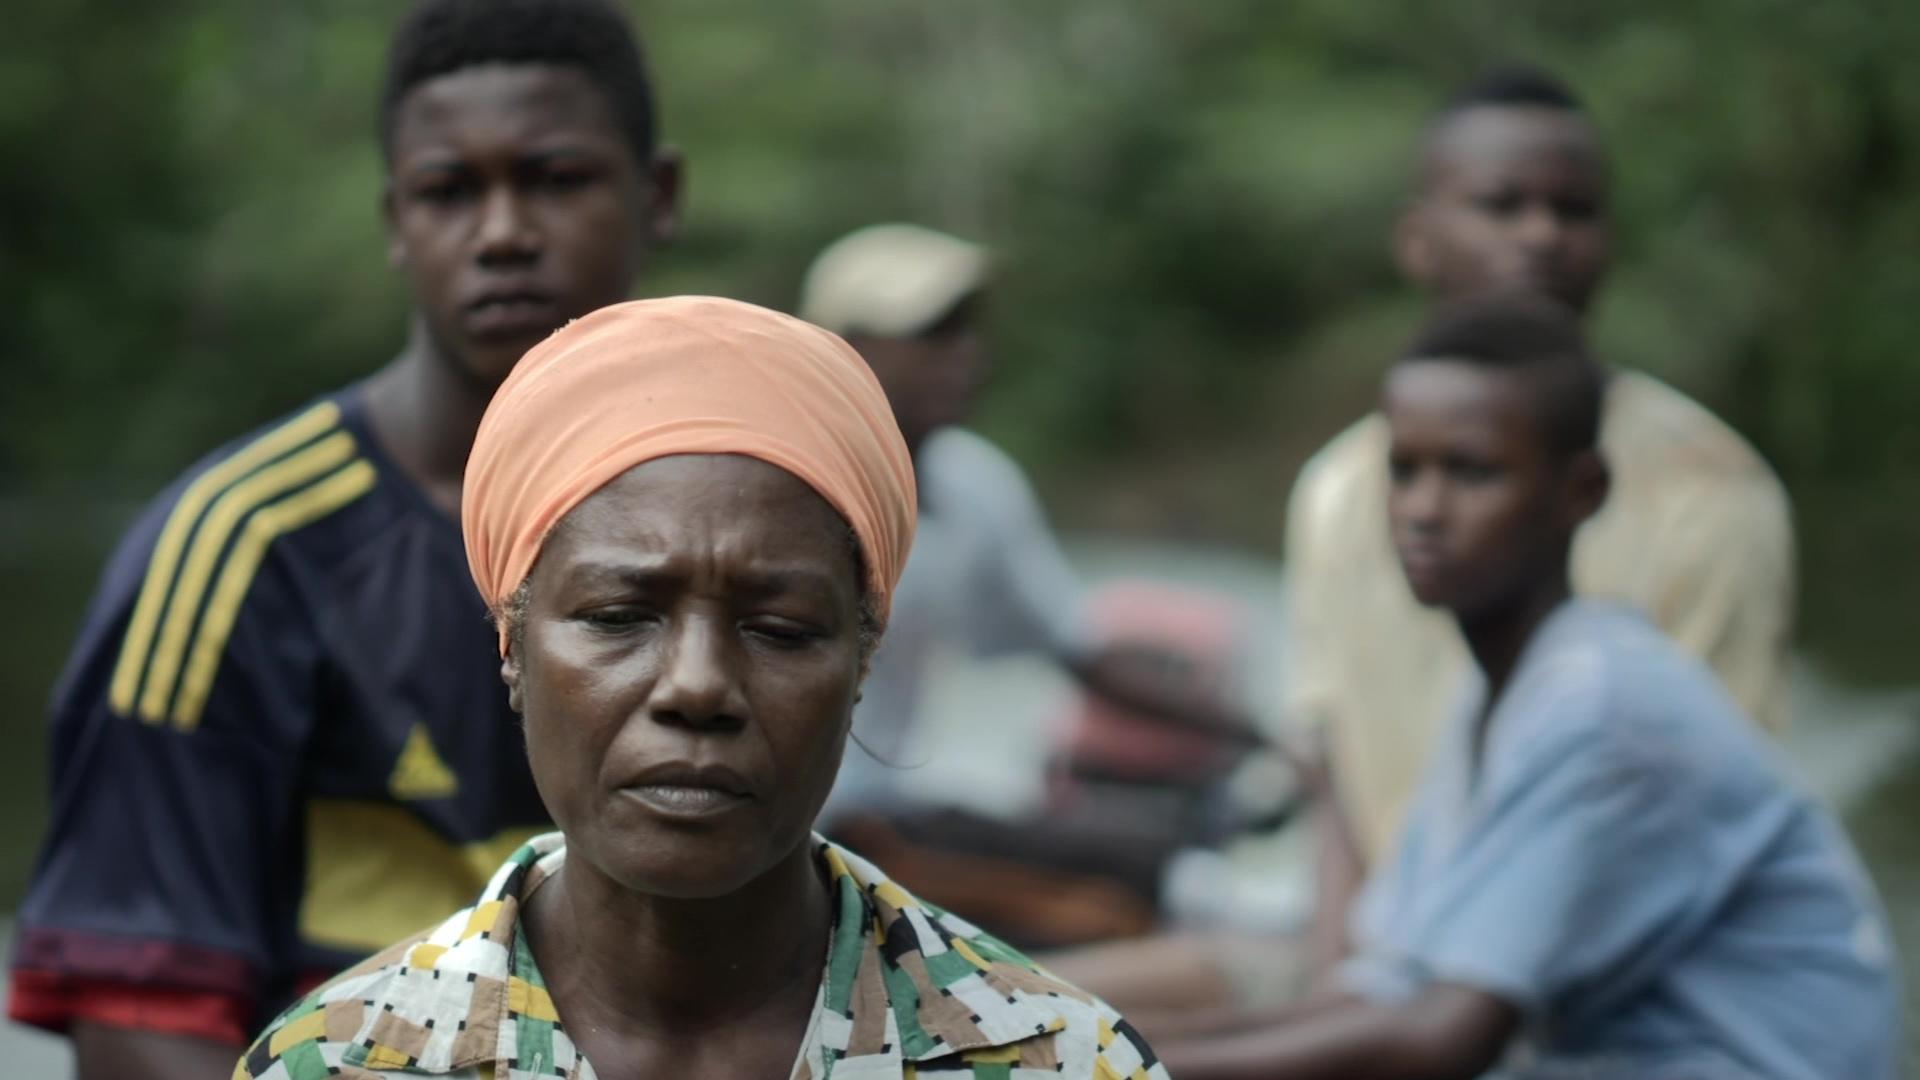 Largometraje colombiano en el Festival de Cine de Canadá